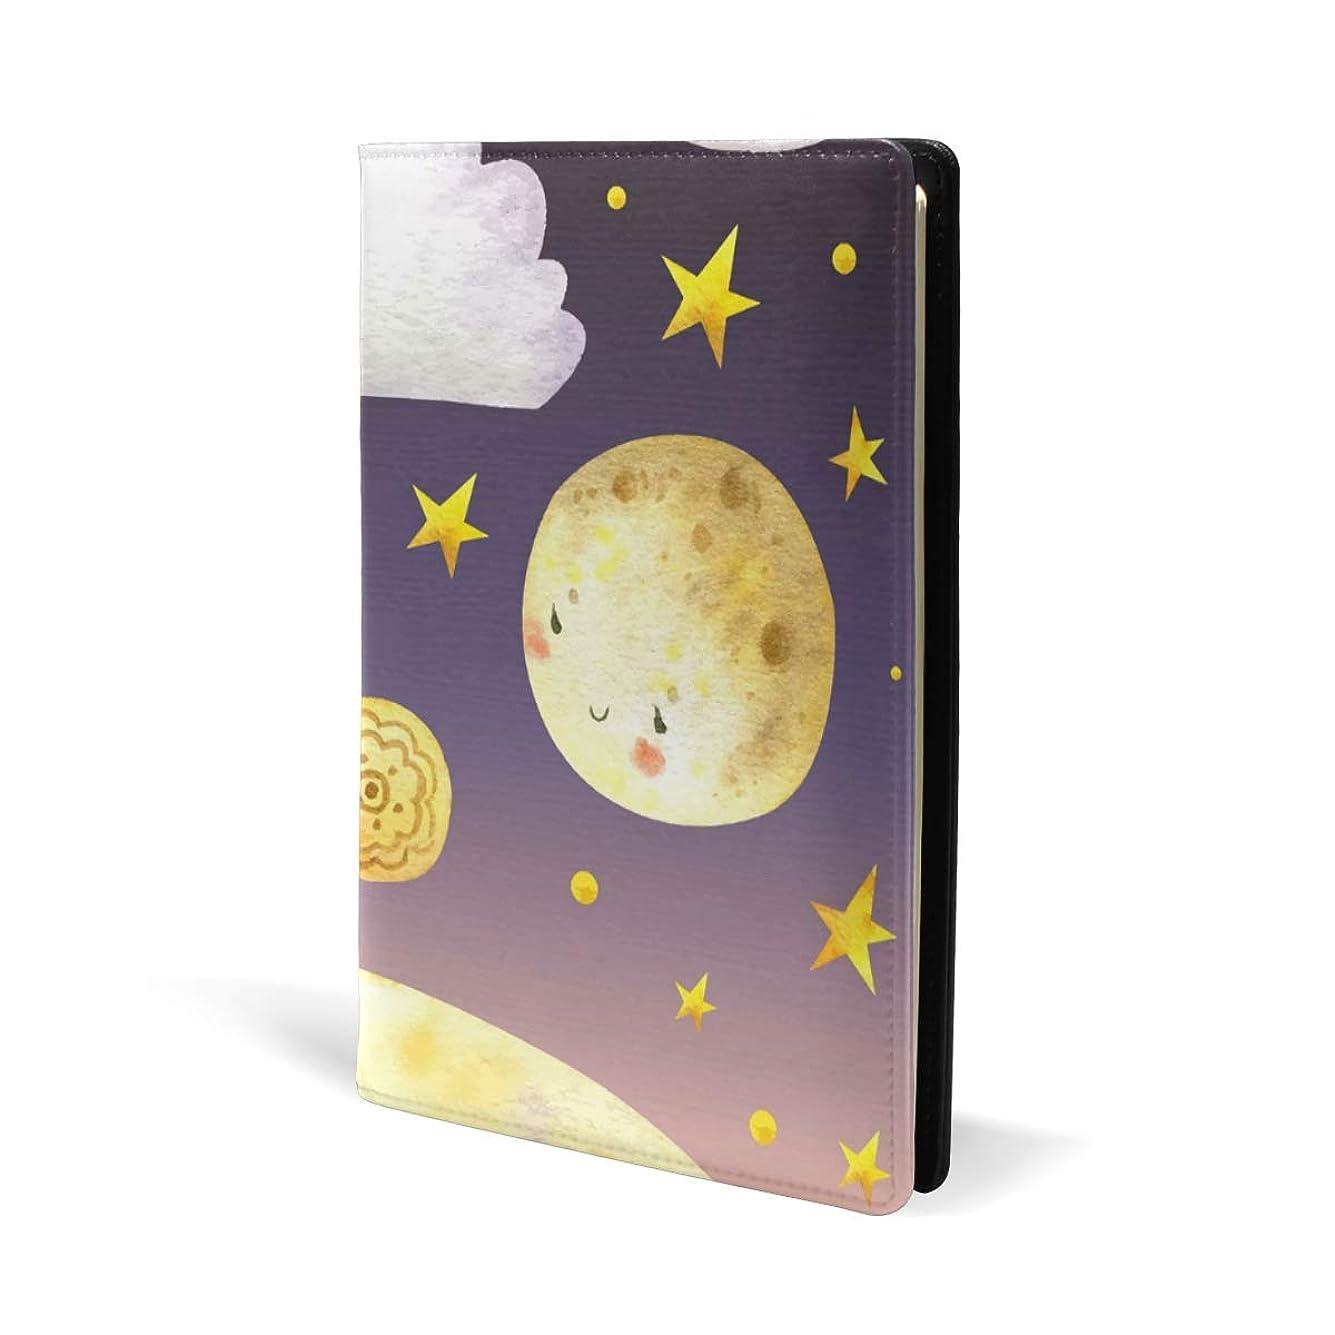 ひも蒸留真向こうブックカバー a5 うさぎ きれい 月 星空 文庫 PUレザー ファイル オフィス用品 読書 文庫判 資料 日記 収納入れ 高級感 耐久性 雑貨 プレゼント 機能性 耐久性 軽量